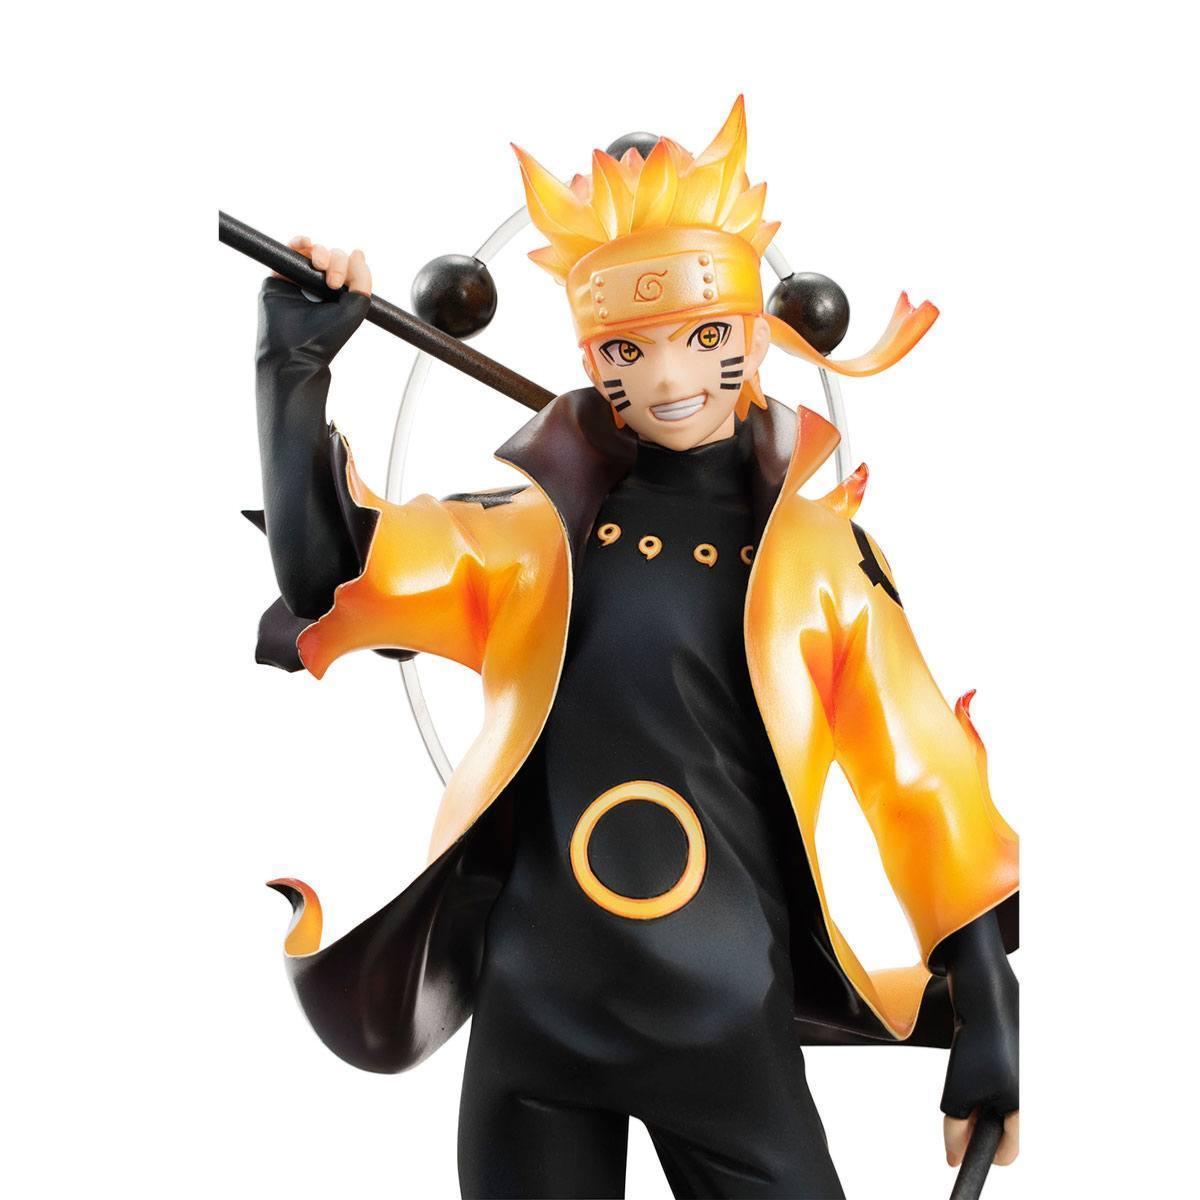 Kyodai & Aniki - Uzumaki Naruto Rikudo Sennin Mode Naruto Shippuden G.E.M. Series   Megahouse